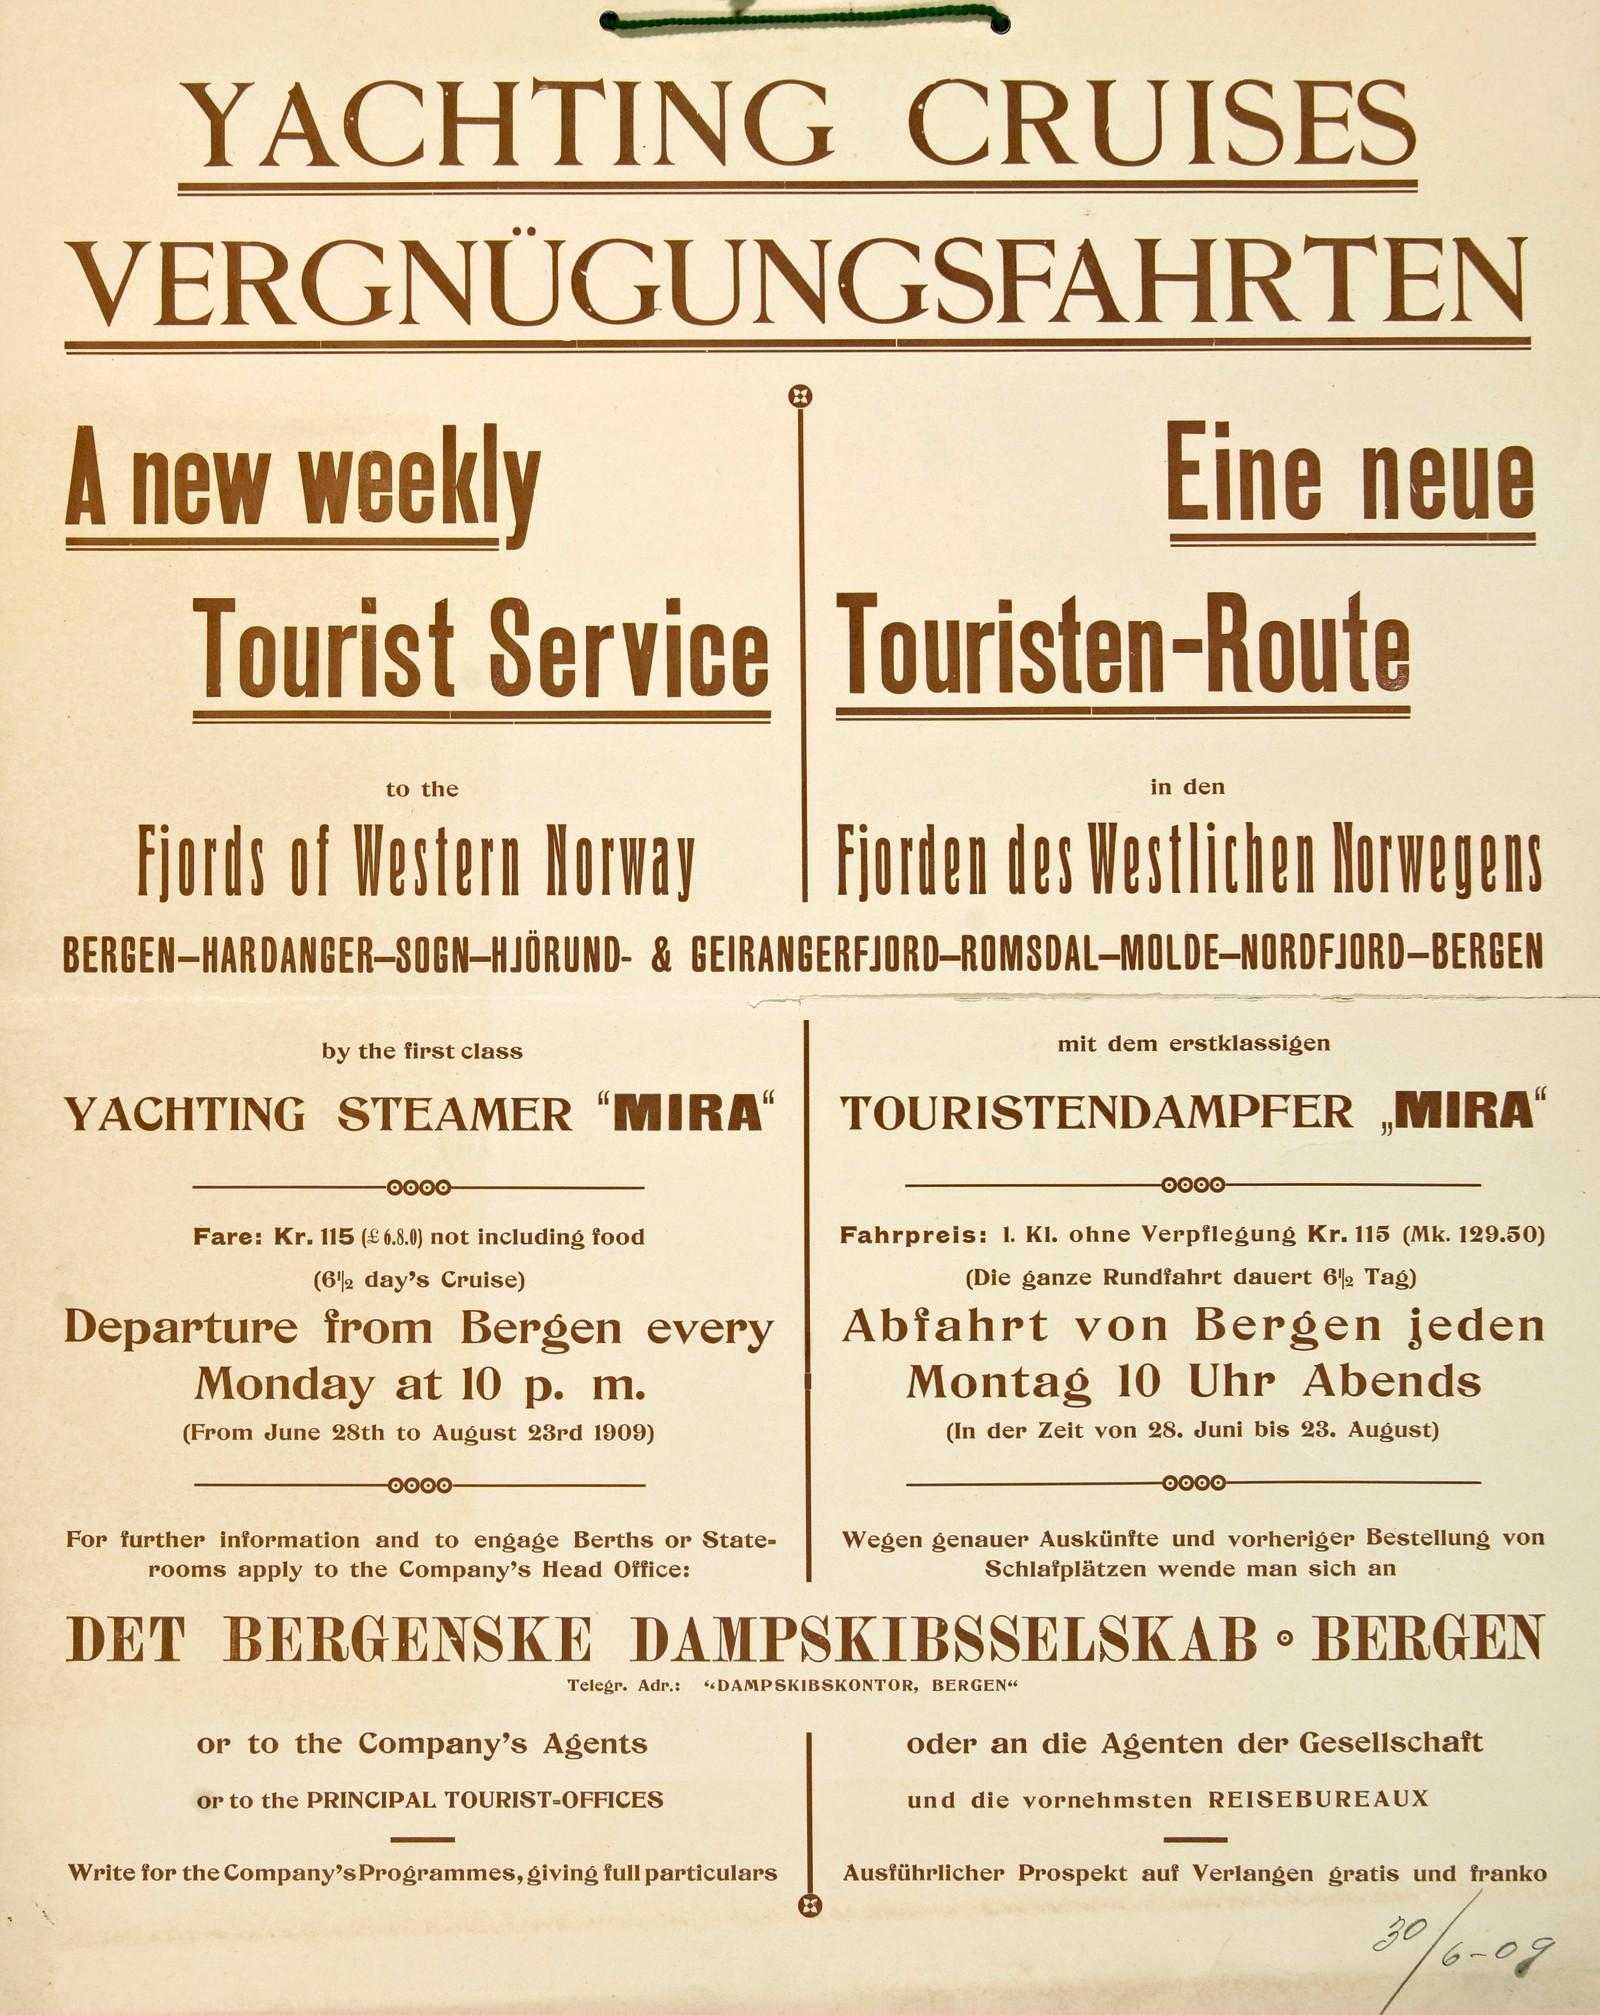 Yachting Cruises / Vergnügungsfahrten. Saklig og informativ plakat fra 1909.